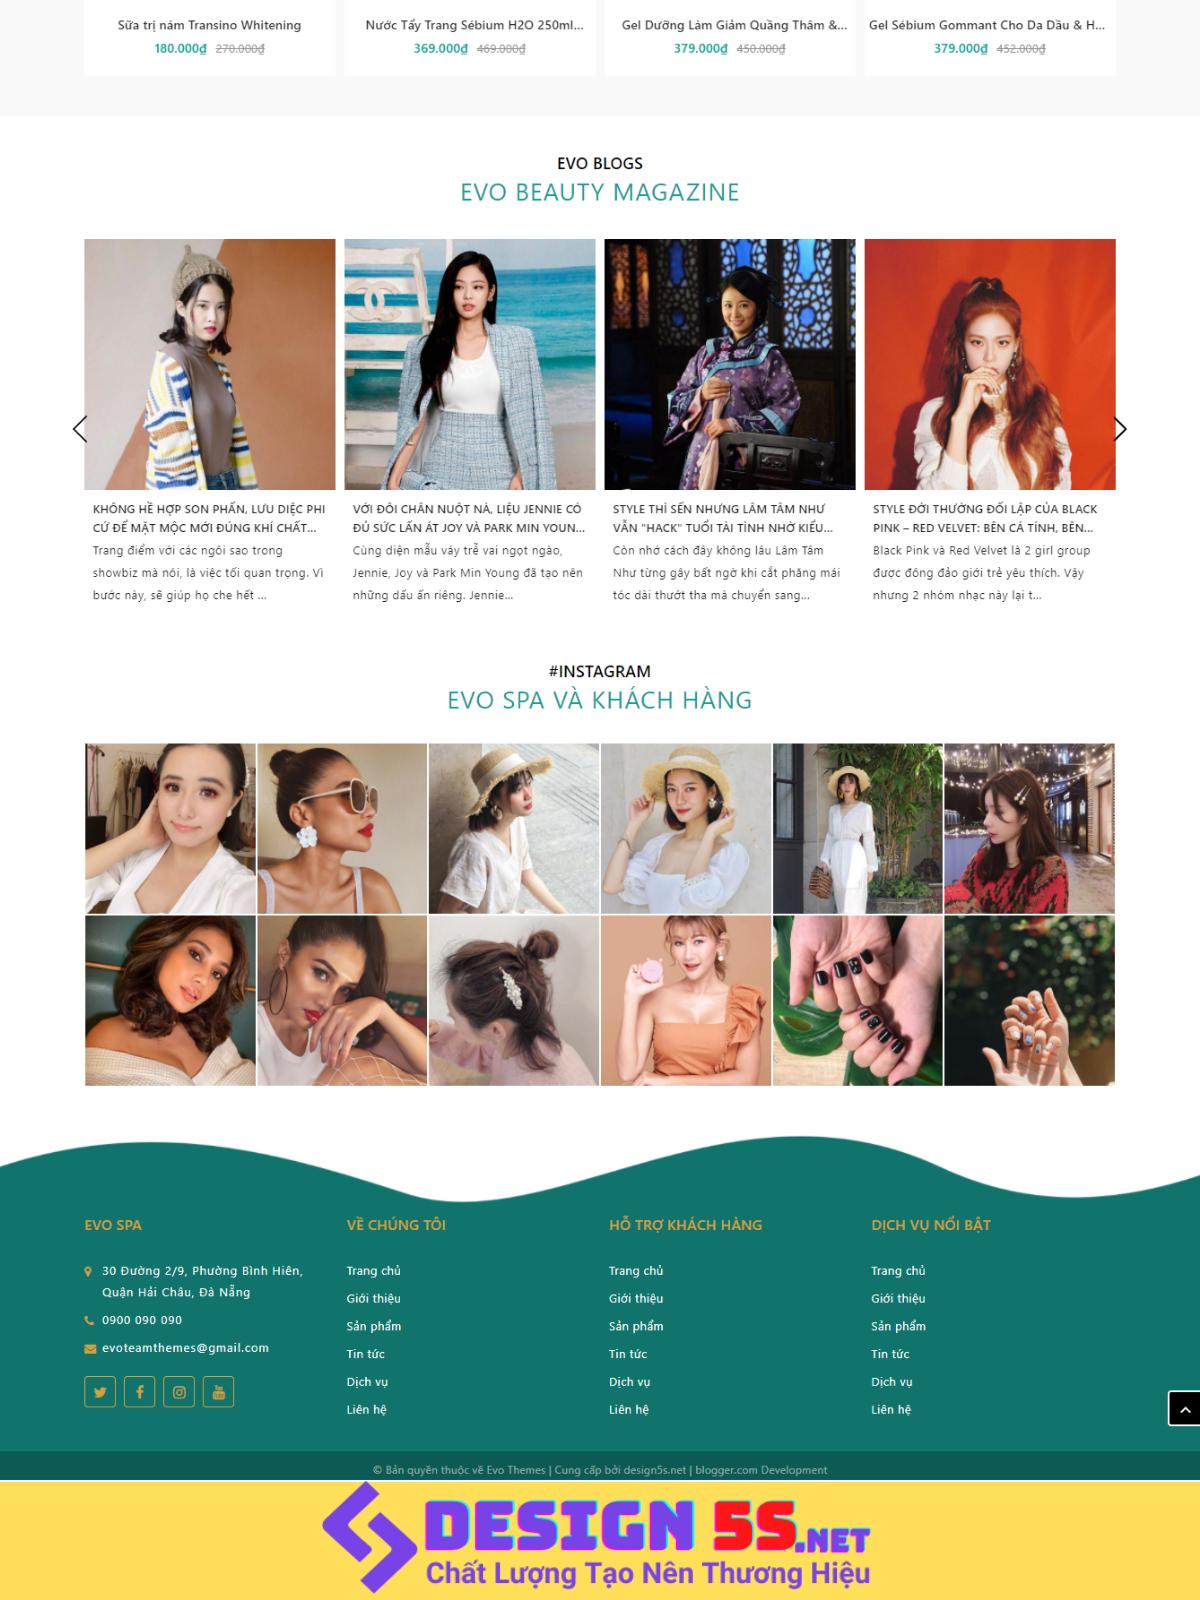 Theme blogspot bán mỹ phẩm, kinh doanh Spa VSM84 - Ảnh 2